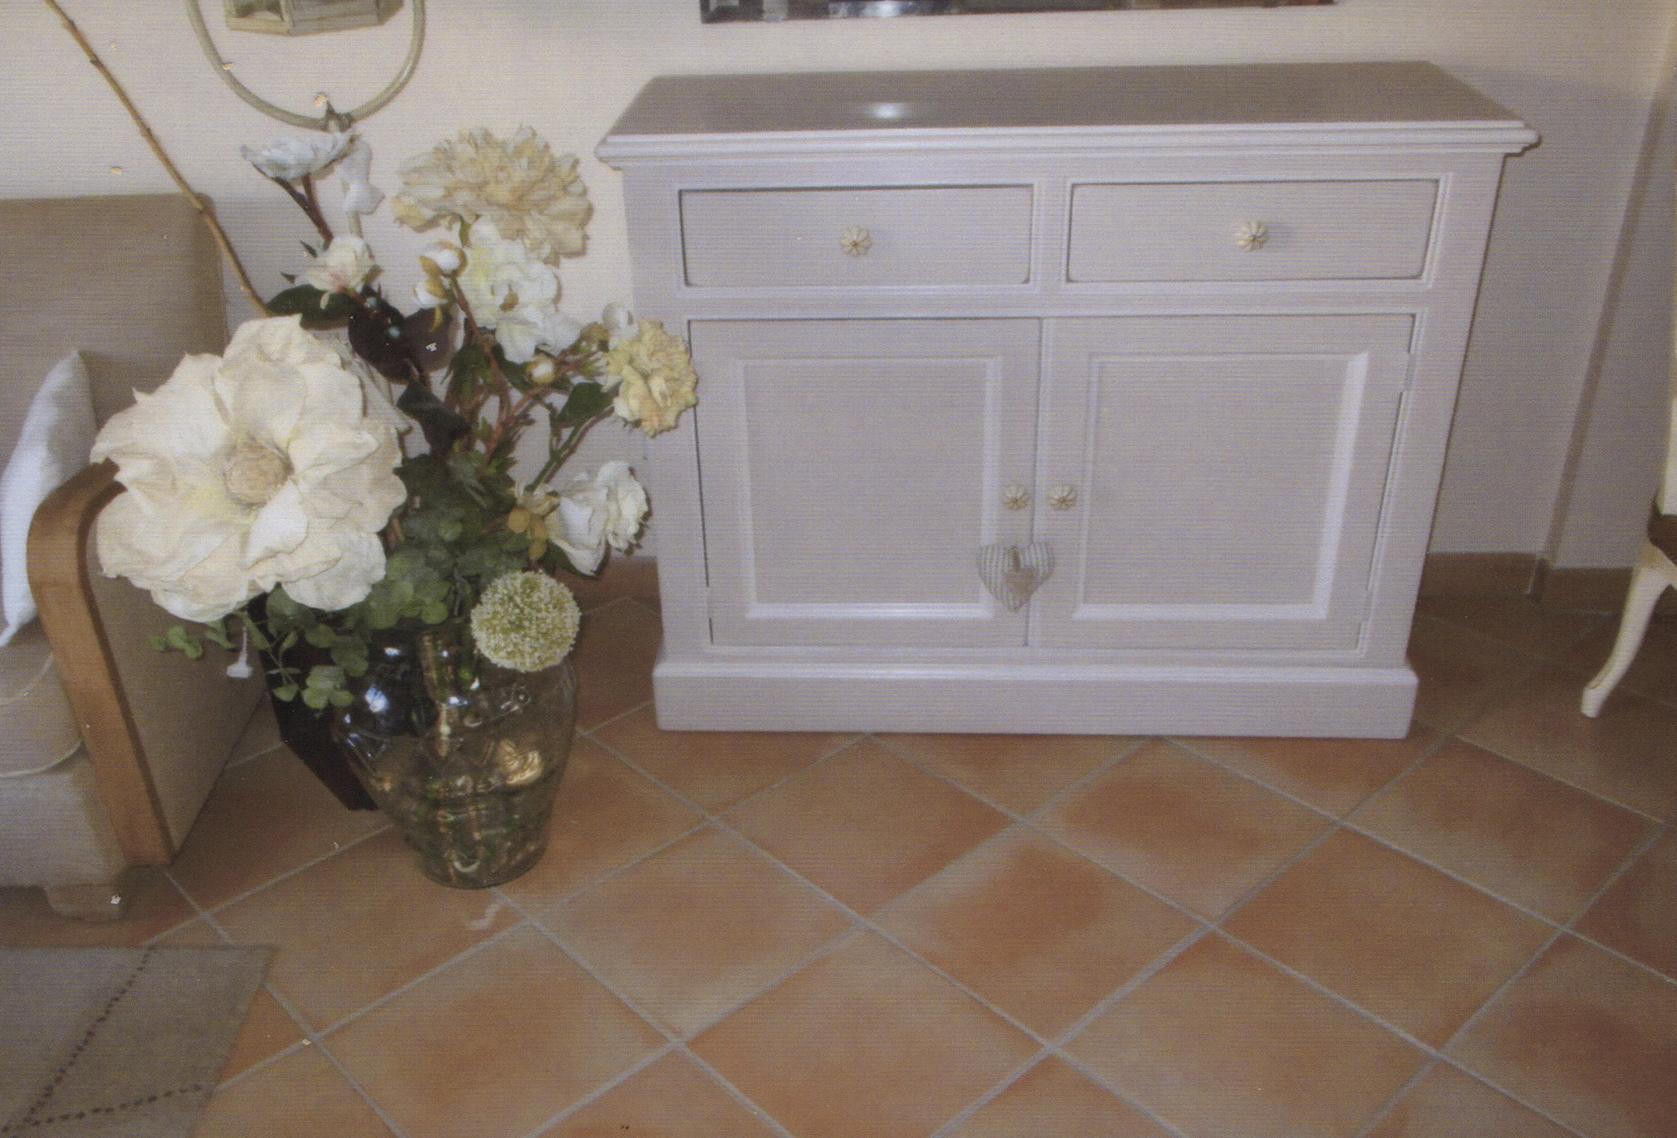 renovation-restauration-la-maison-de-cerise-buffet-2-portes-apres-1